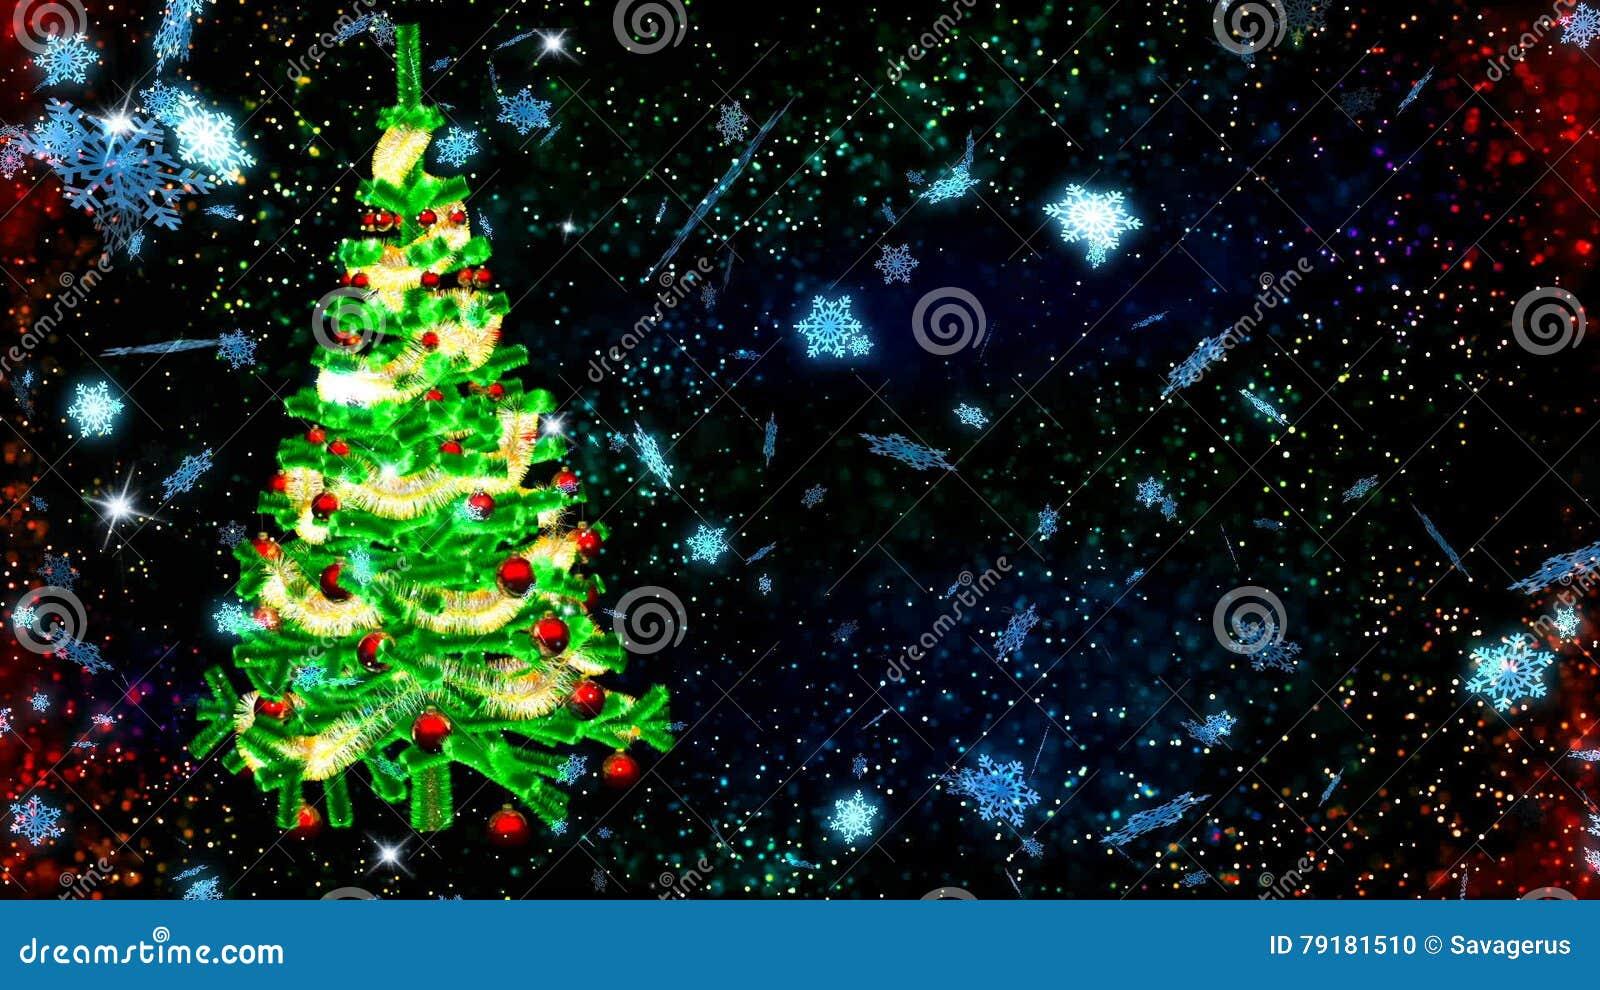 Albero Di Natale Hd.Fondo Di Hd Loopable Con L Albero Di Natale Piacevole Stock Footage Video Di Celebrazione Decorazione 79181510